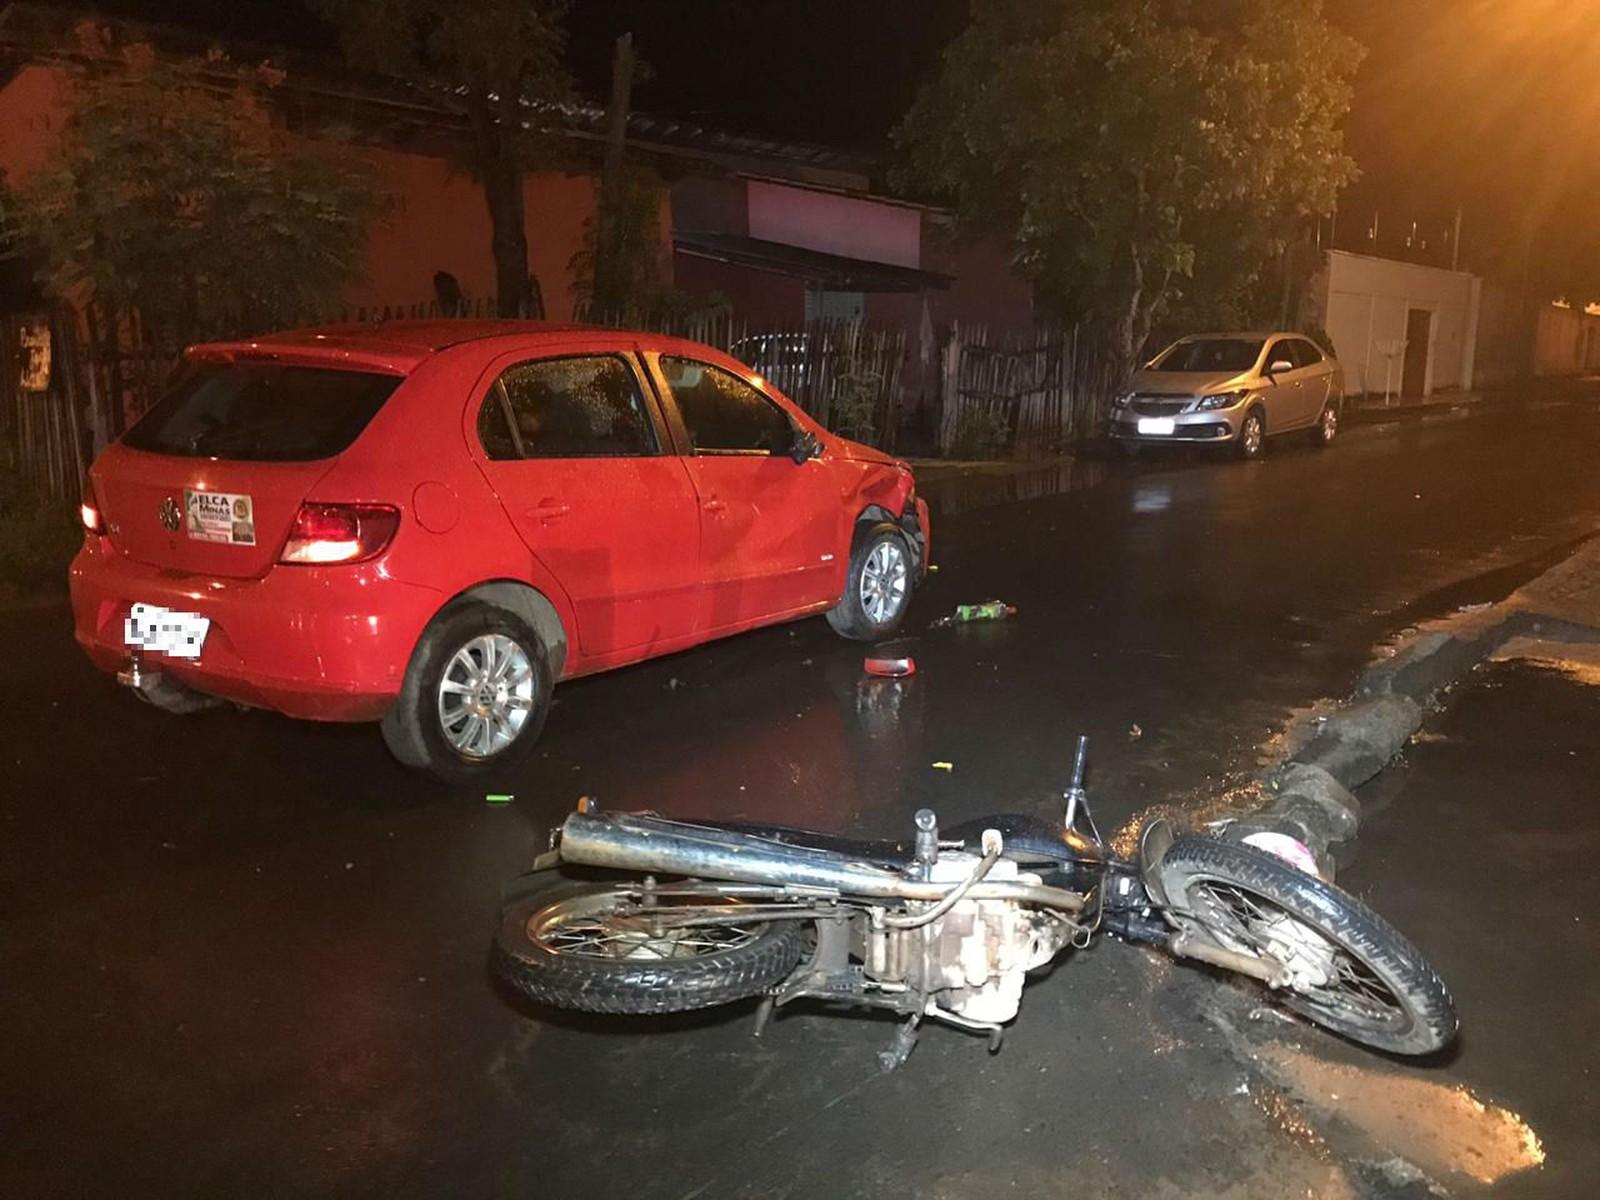 Homem morre e mulher ferida após colisão entre carro e moto em cruzamento